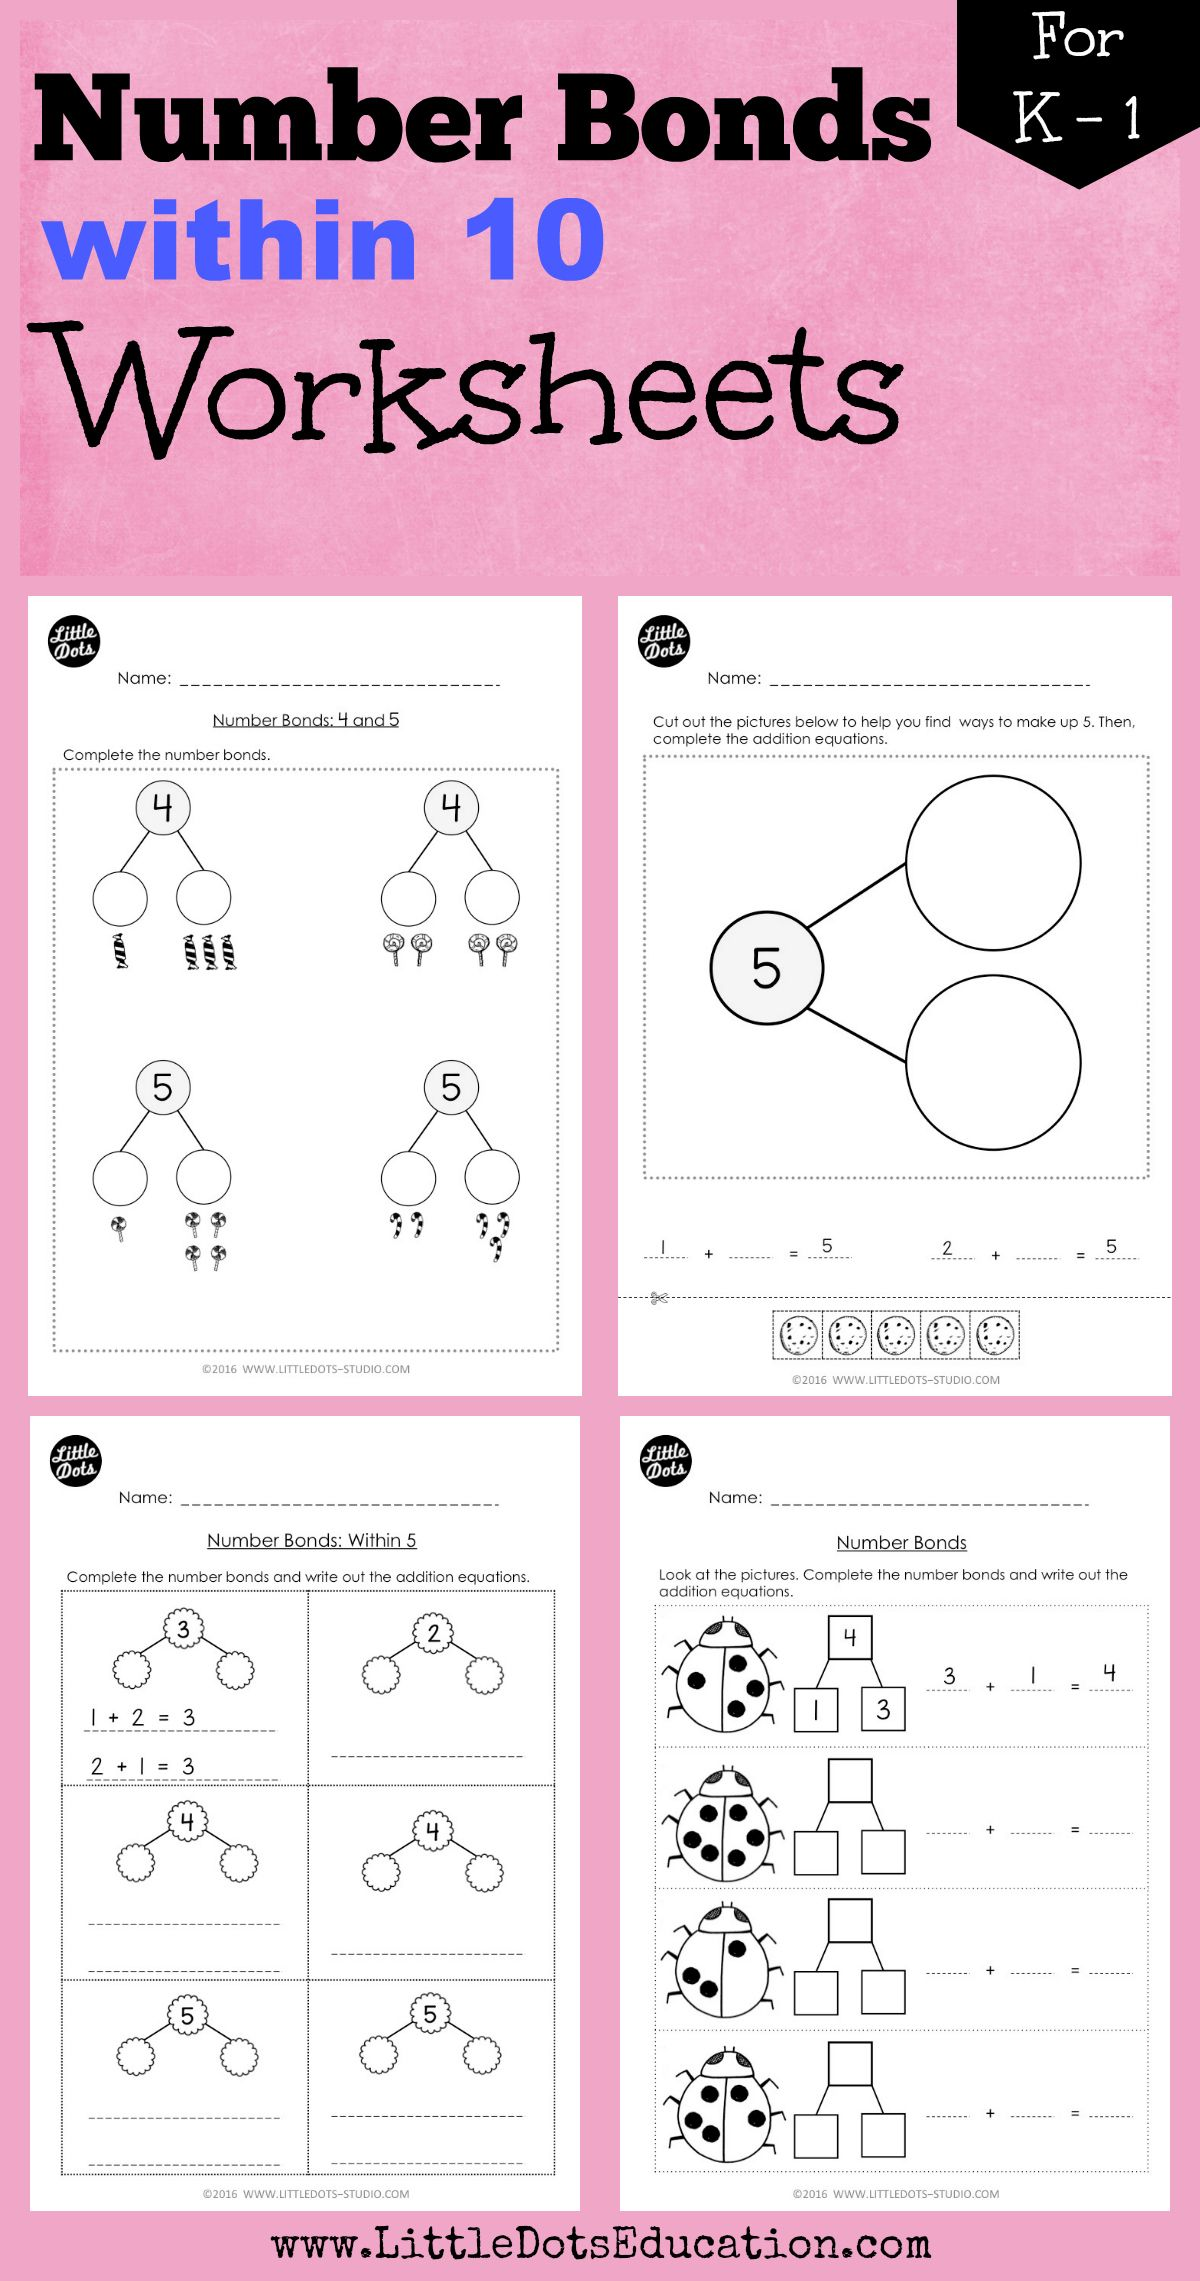 Download number bonds worksheets within 10 for kindergarten to grade ...